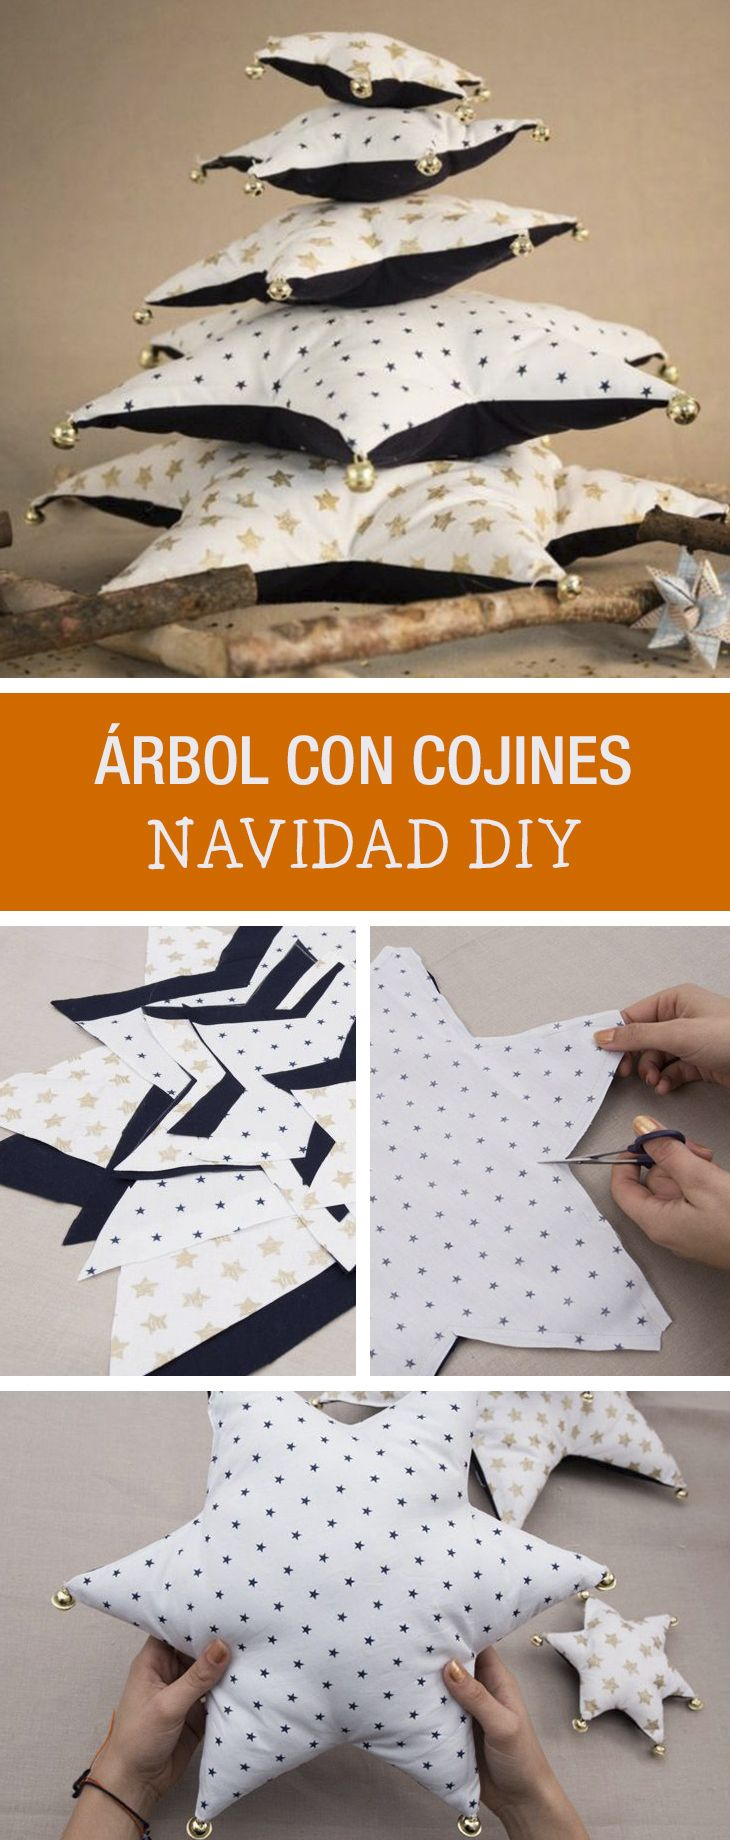 Tutorial DIY: Cómo hacer un árbol de Navidad con cojines- Costura en DaWanda.es